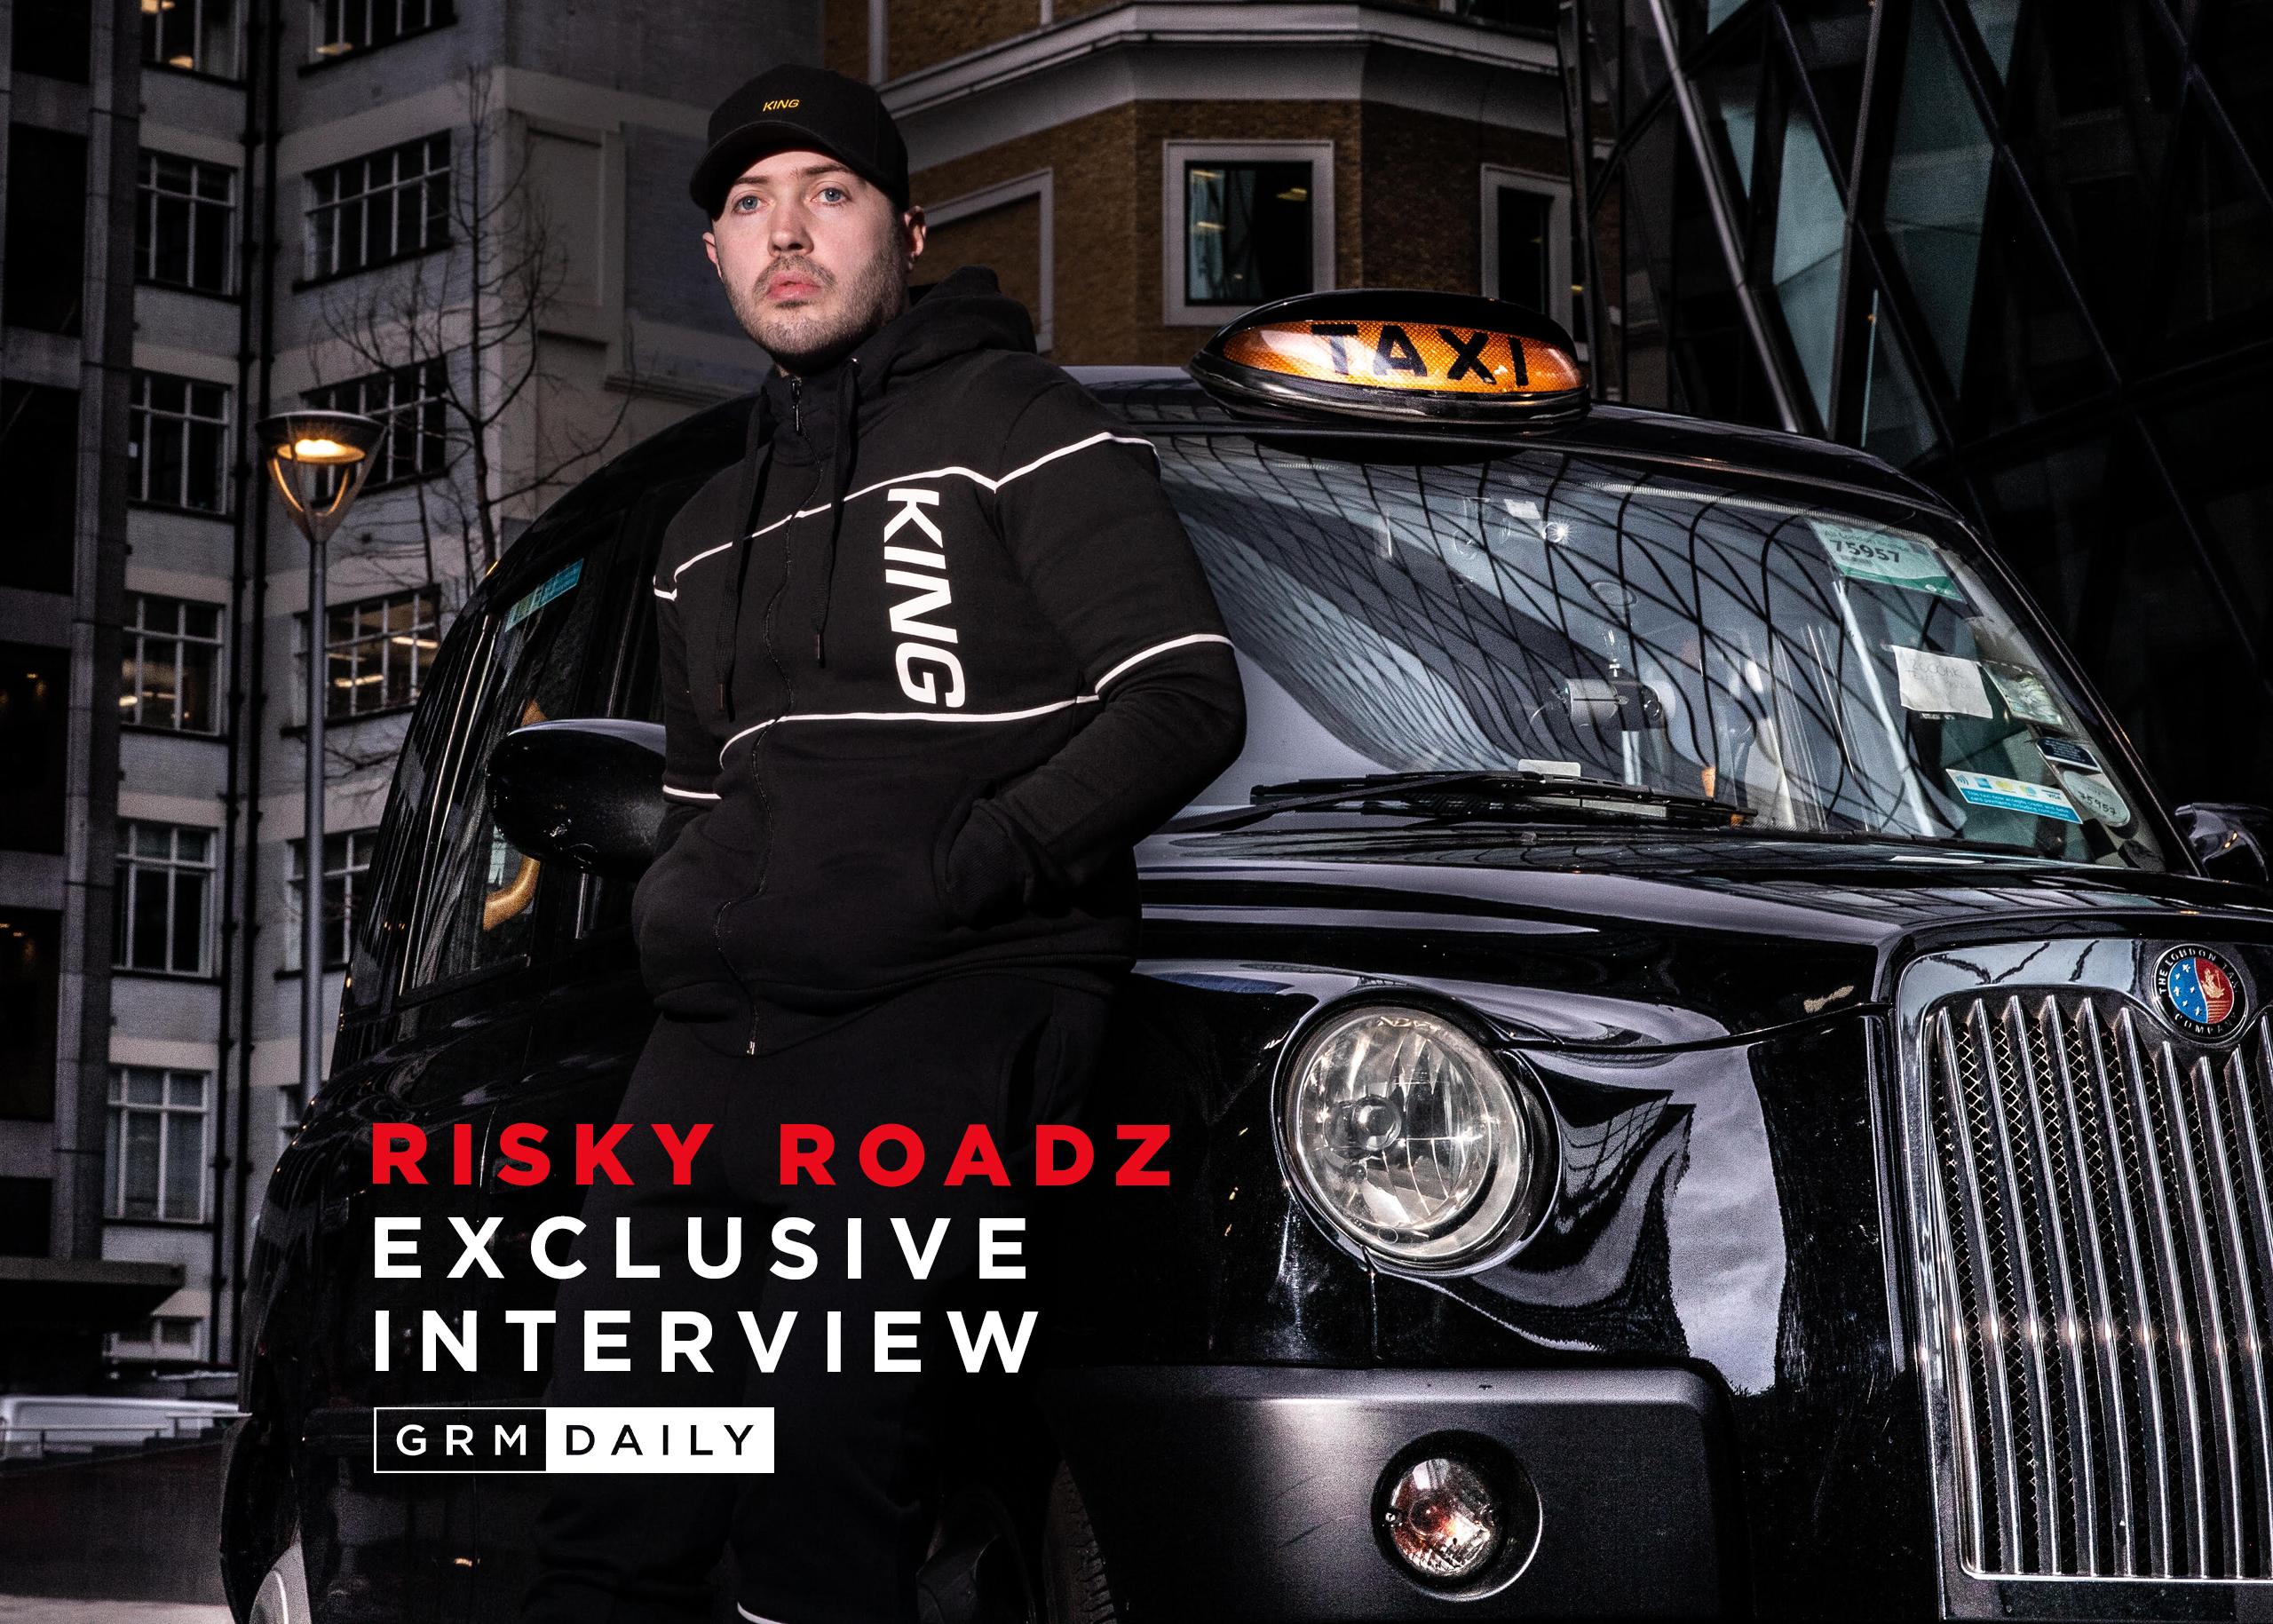 Risky Roadz GRM interview